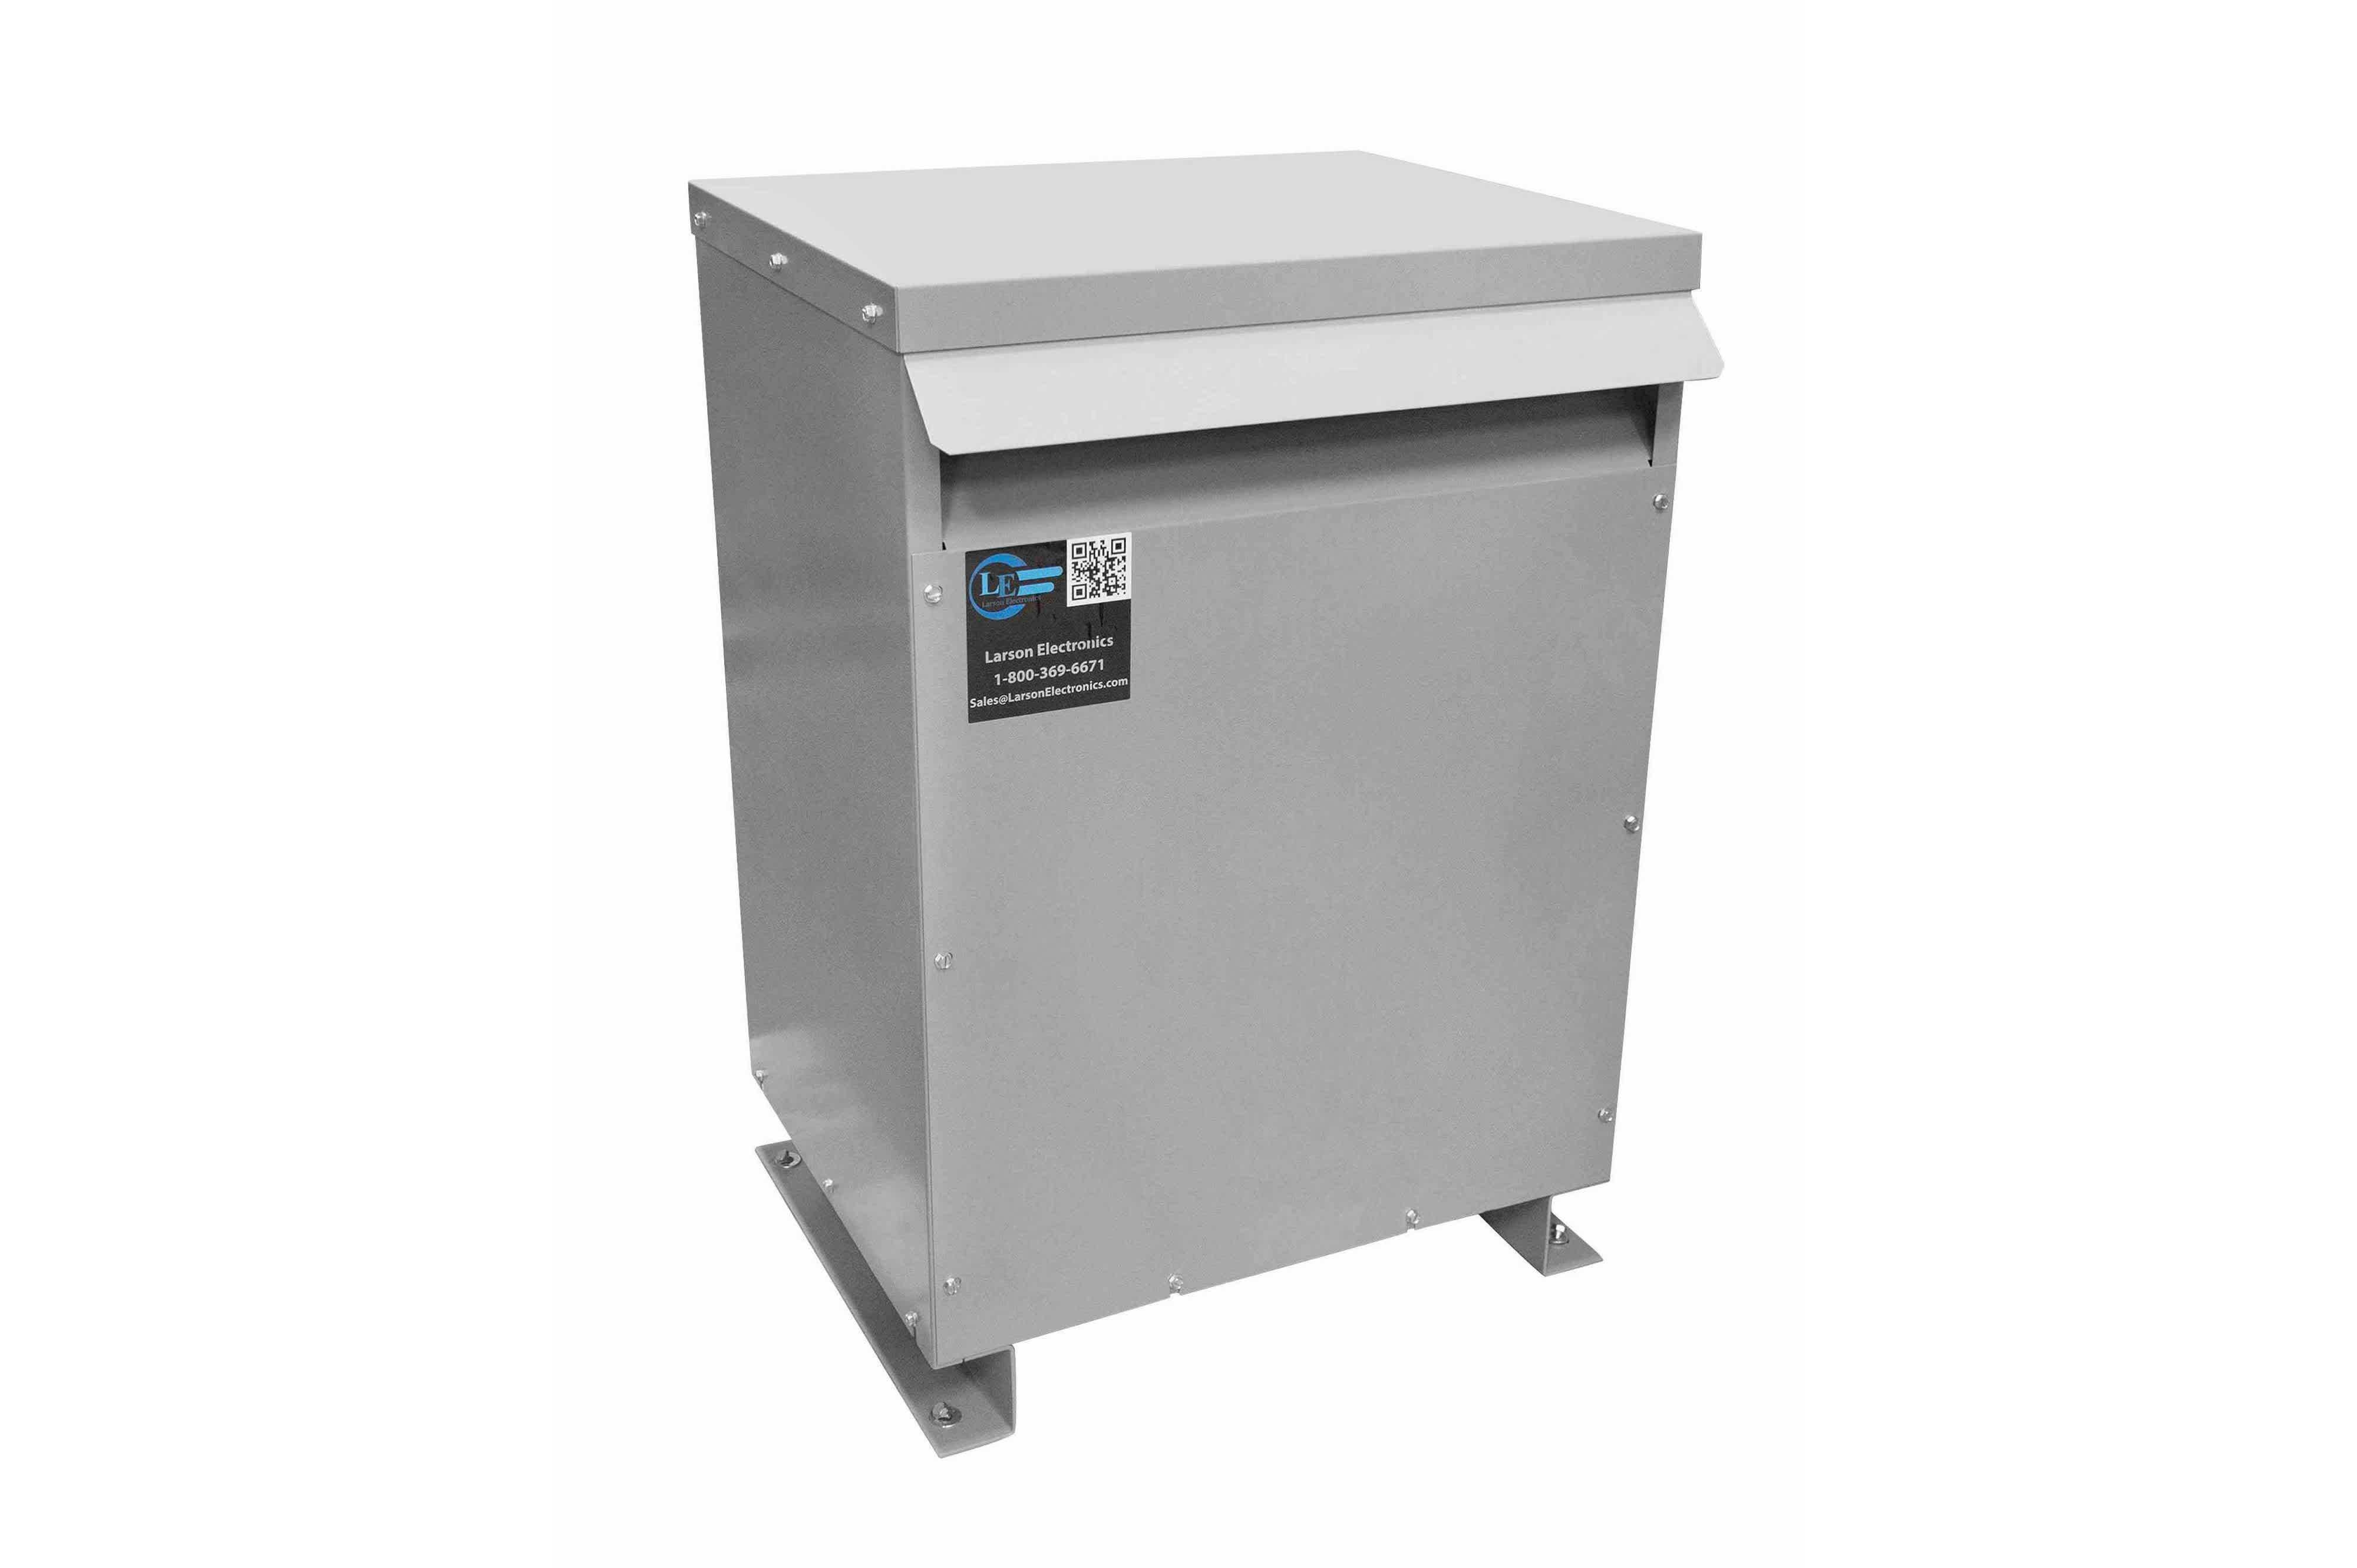 13 kVA 3PH Isolation Transformer, 600V Delta Primary, 400V Delta Secondary, N3R, Ventilated, 60 Hz